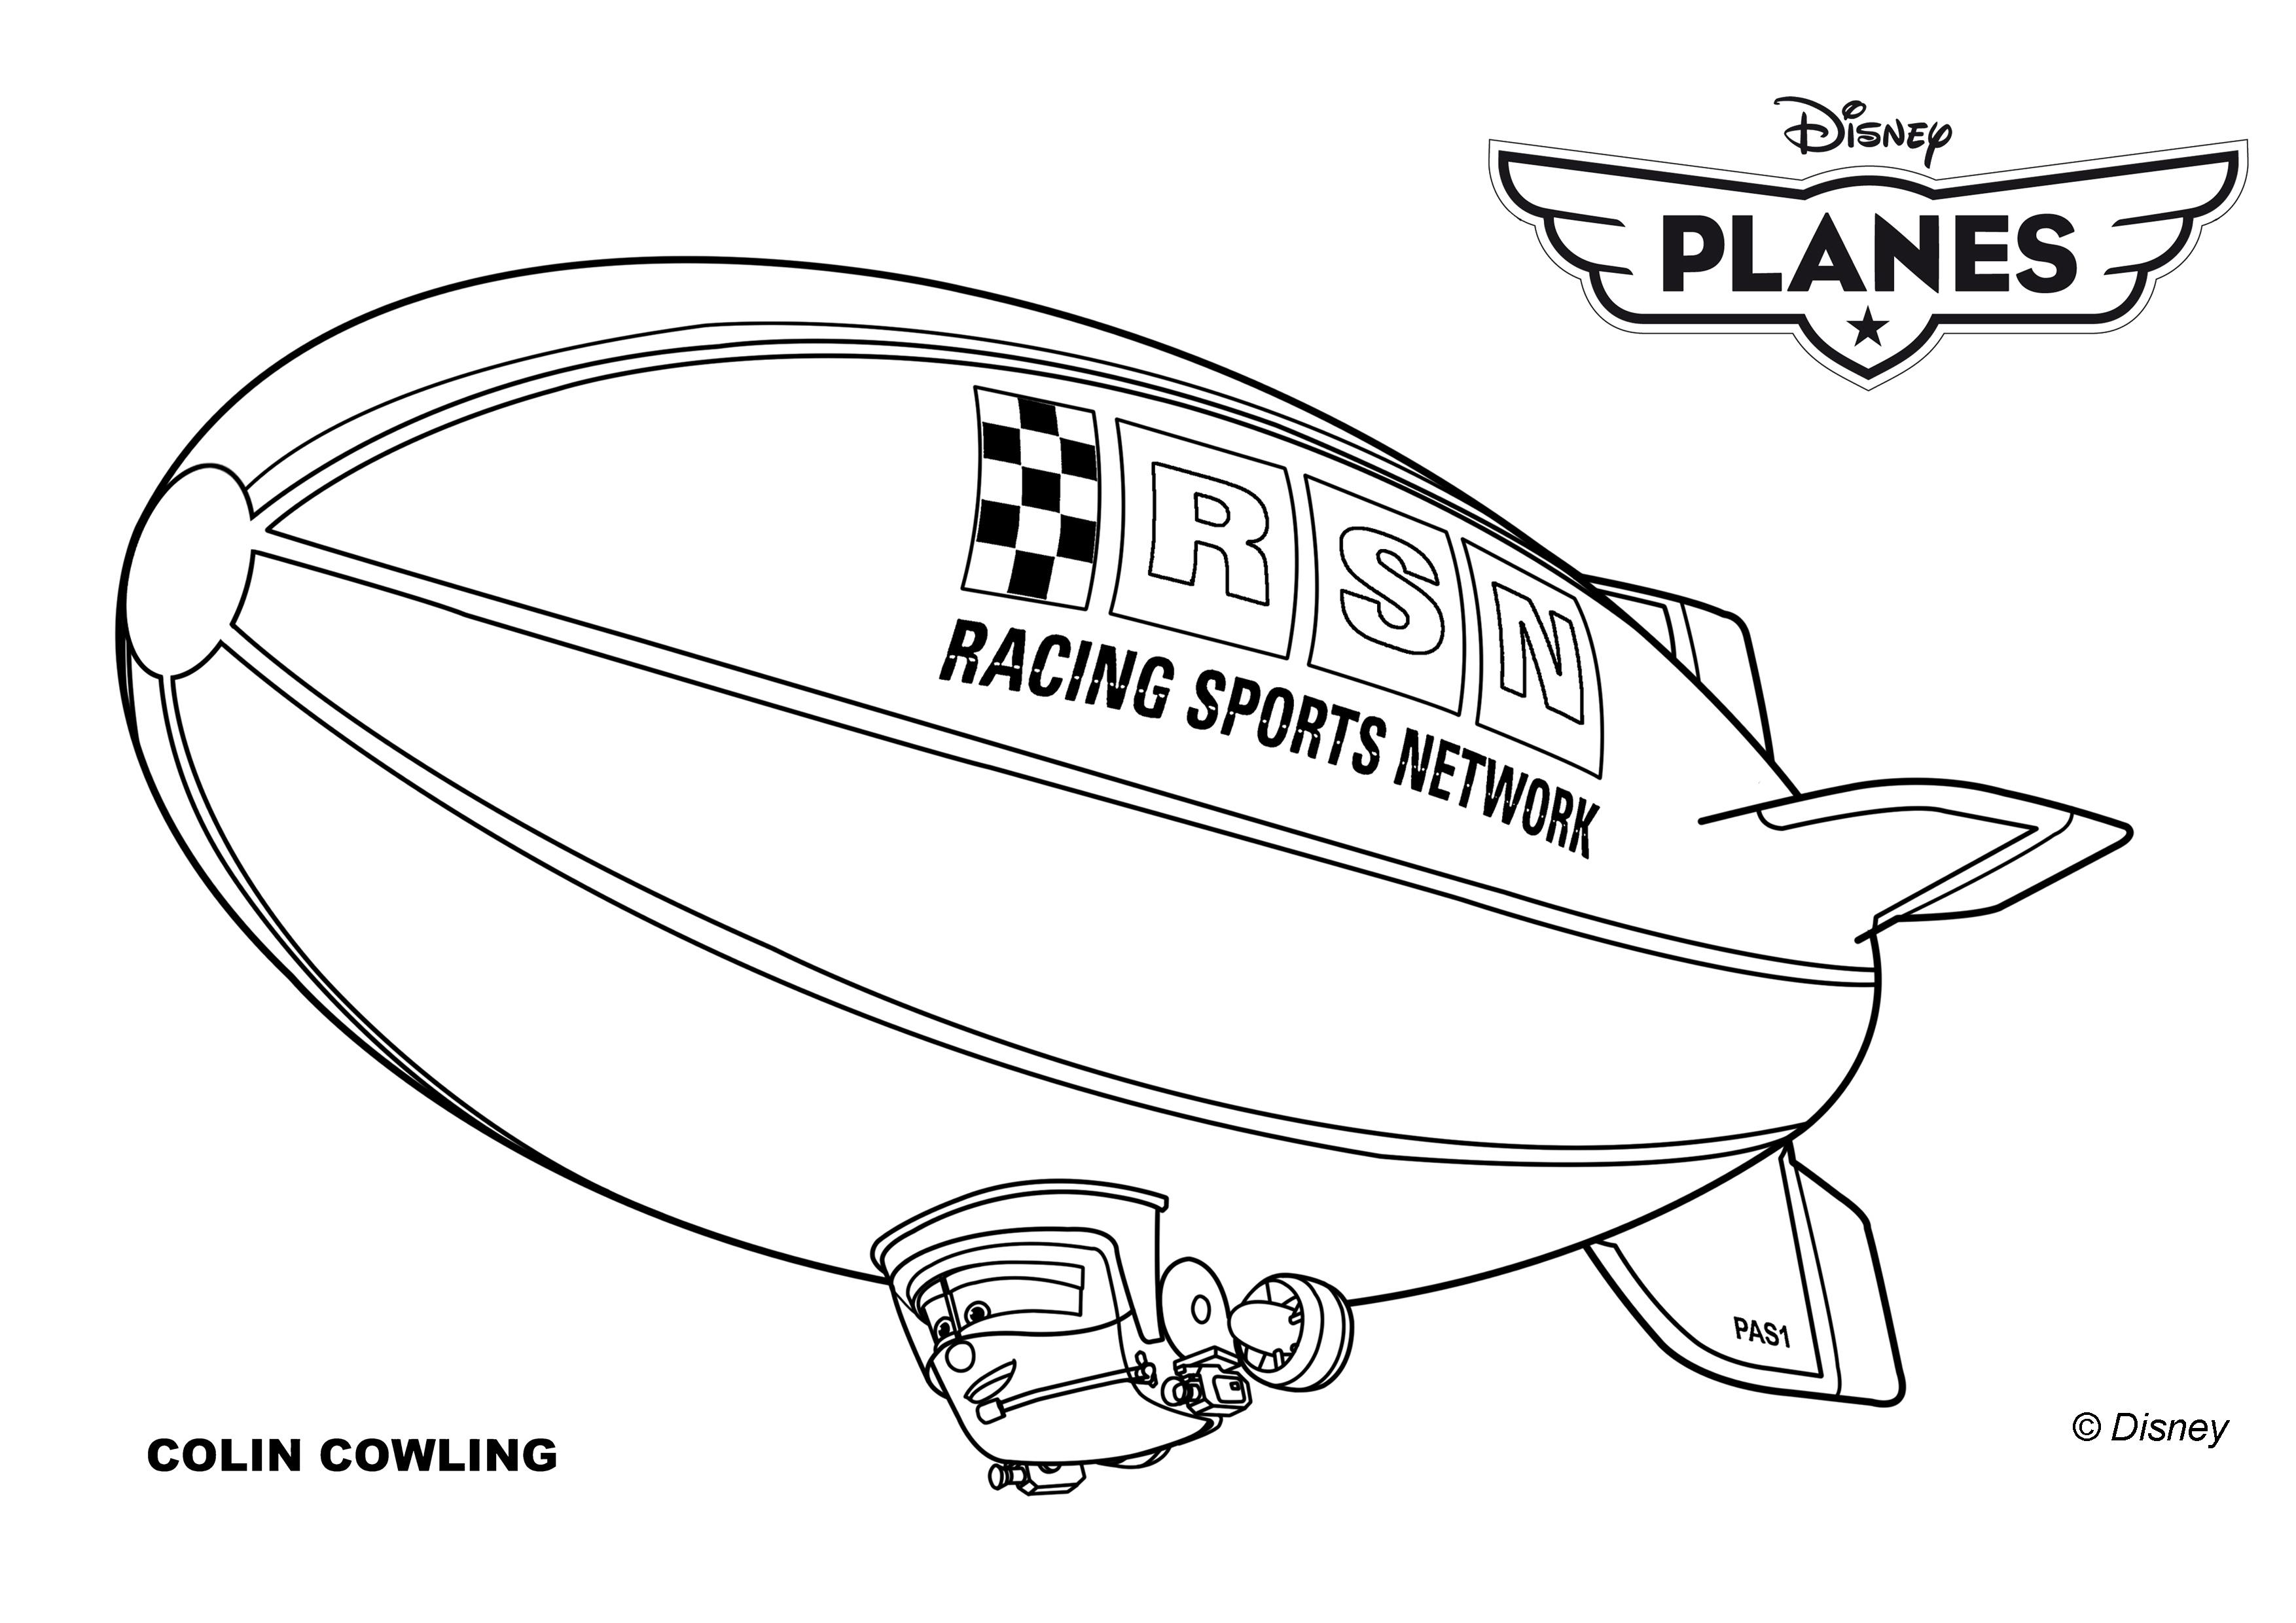 Coloriages planes de walt disney colin cowling un dirigeable a imprimer - Planes coloriage ...